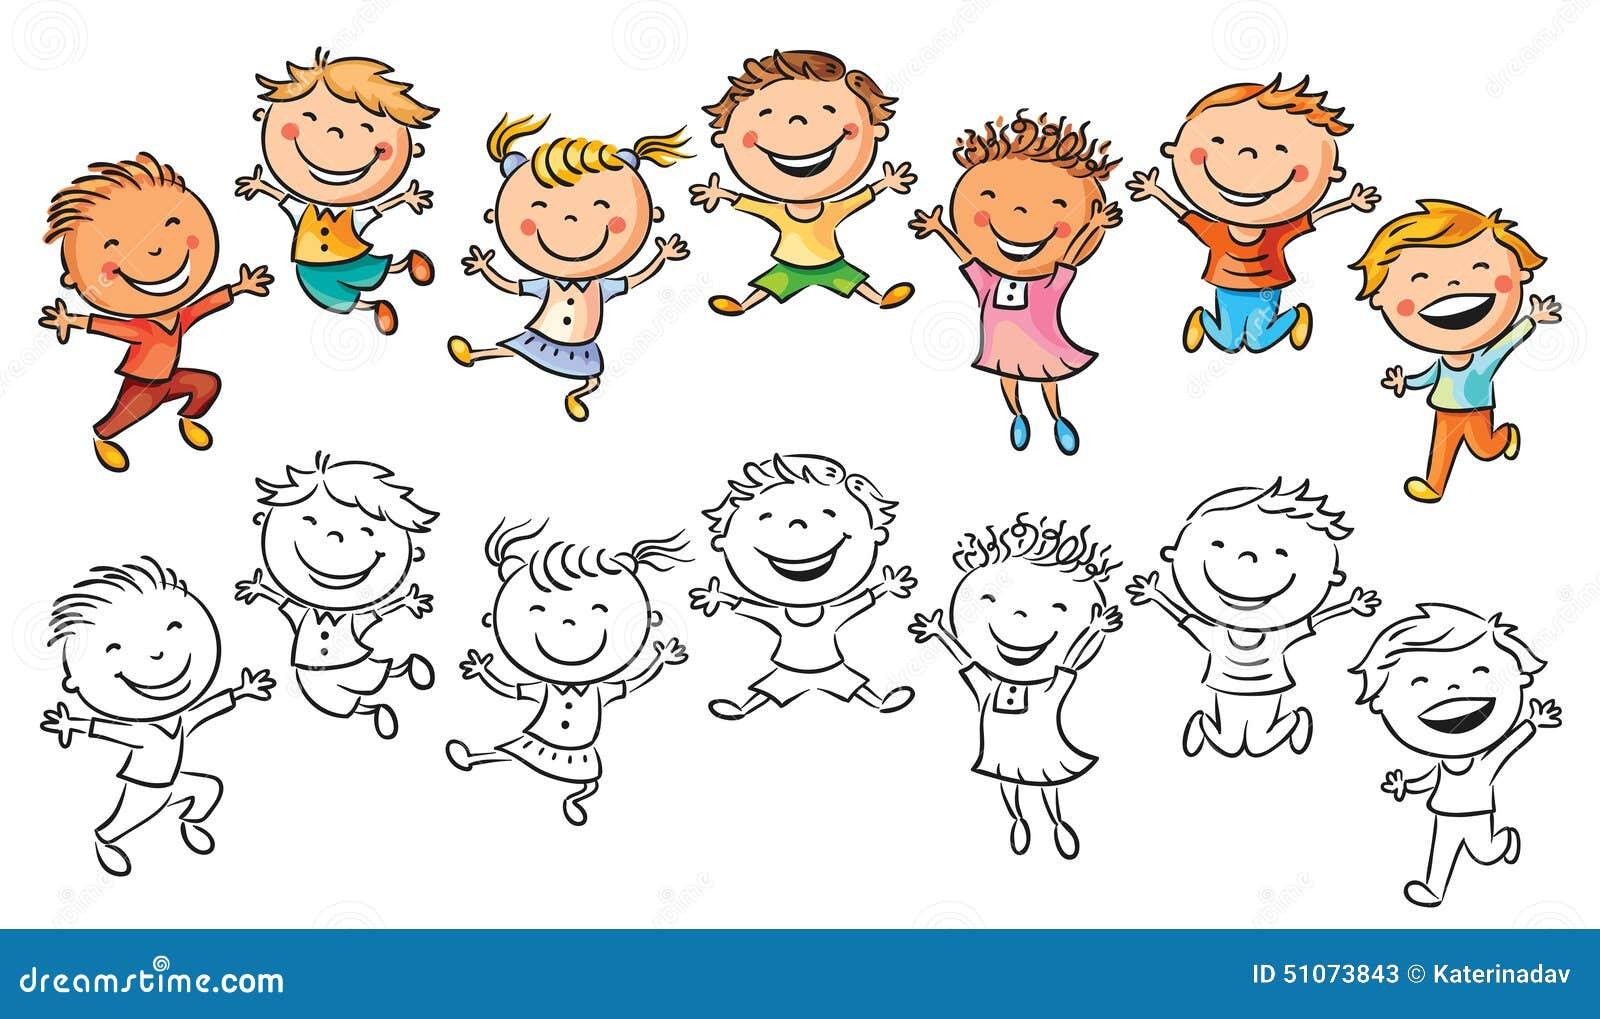 disegni da colorare bambini che ridono